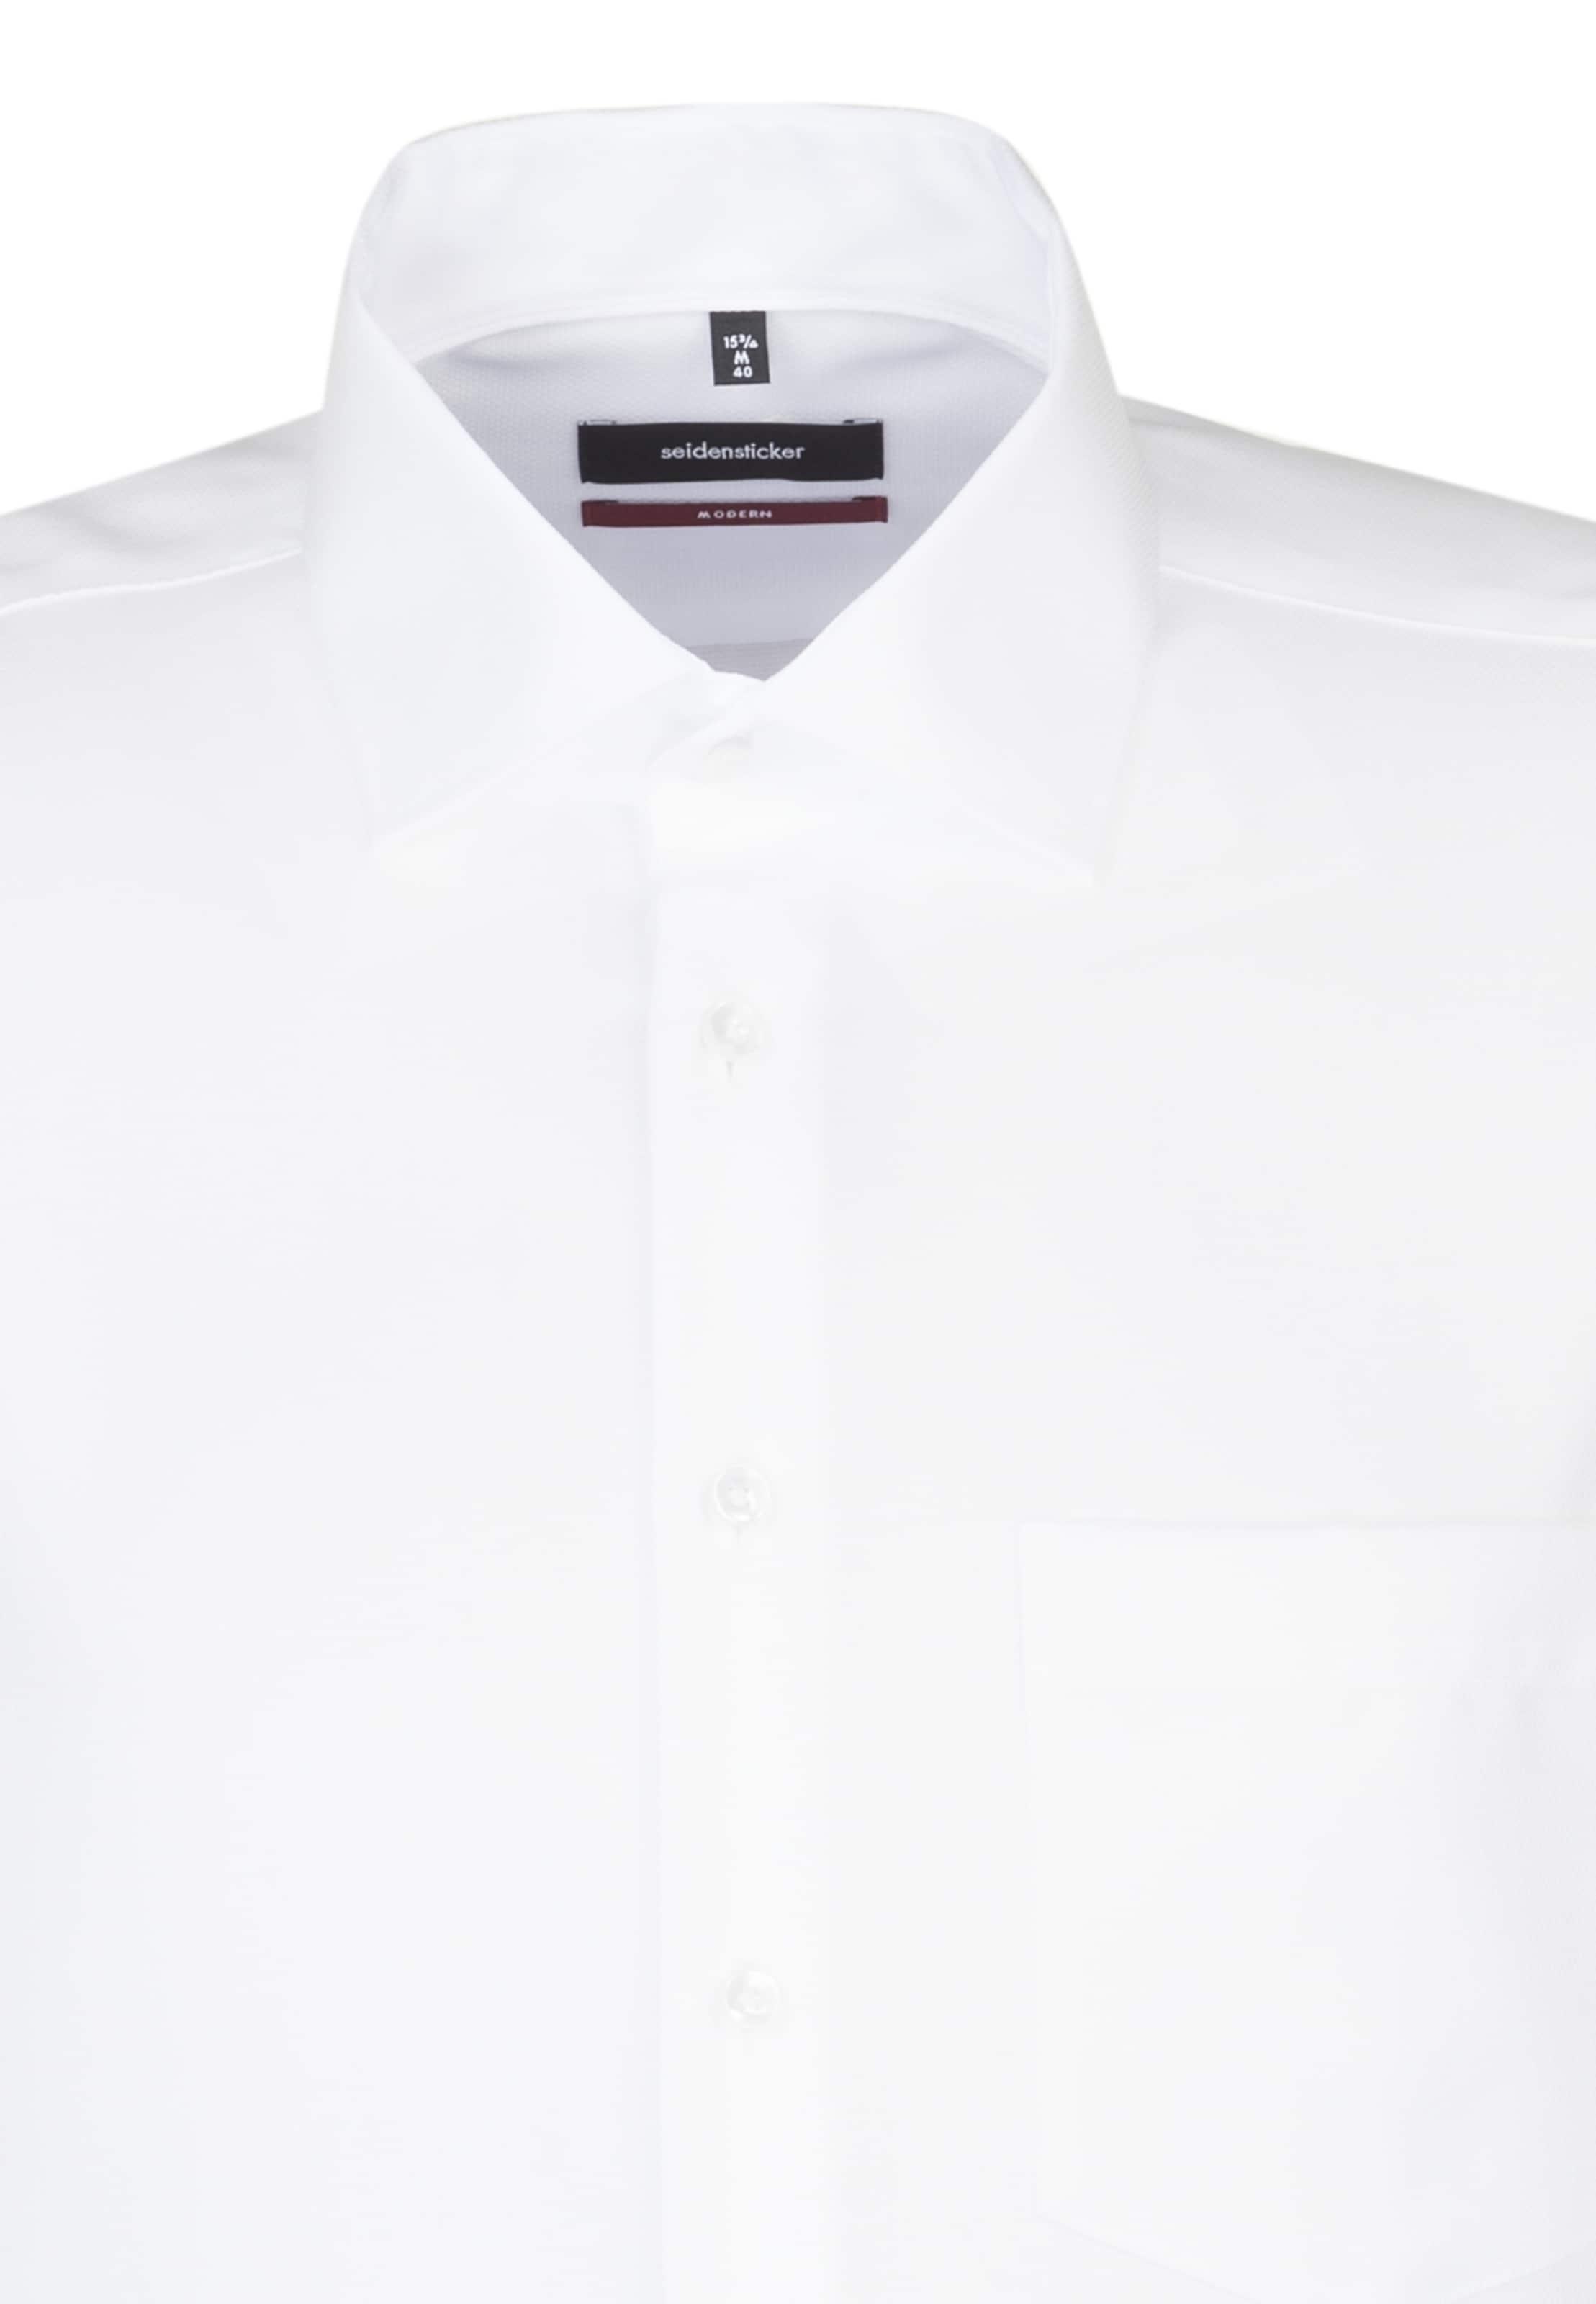 SEIDENSTICKER City-Hemd 'Modern' Freies Verschiffen Billig Qualität Original Online Spielraum Günstig Online Online Speichern Neue Ankunft Art Und Weise TwLqH1SFz